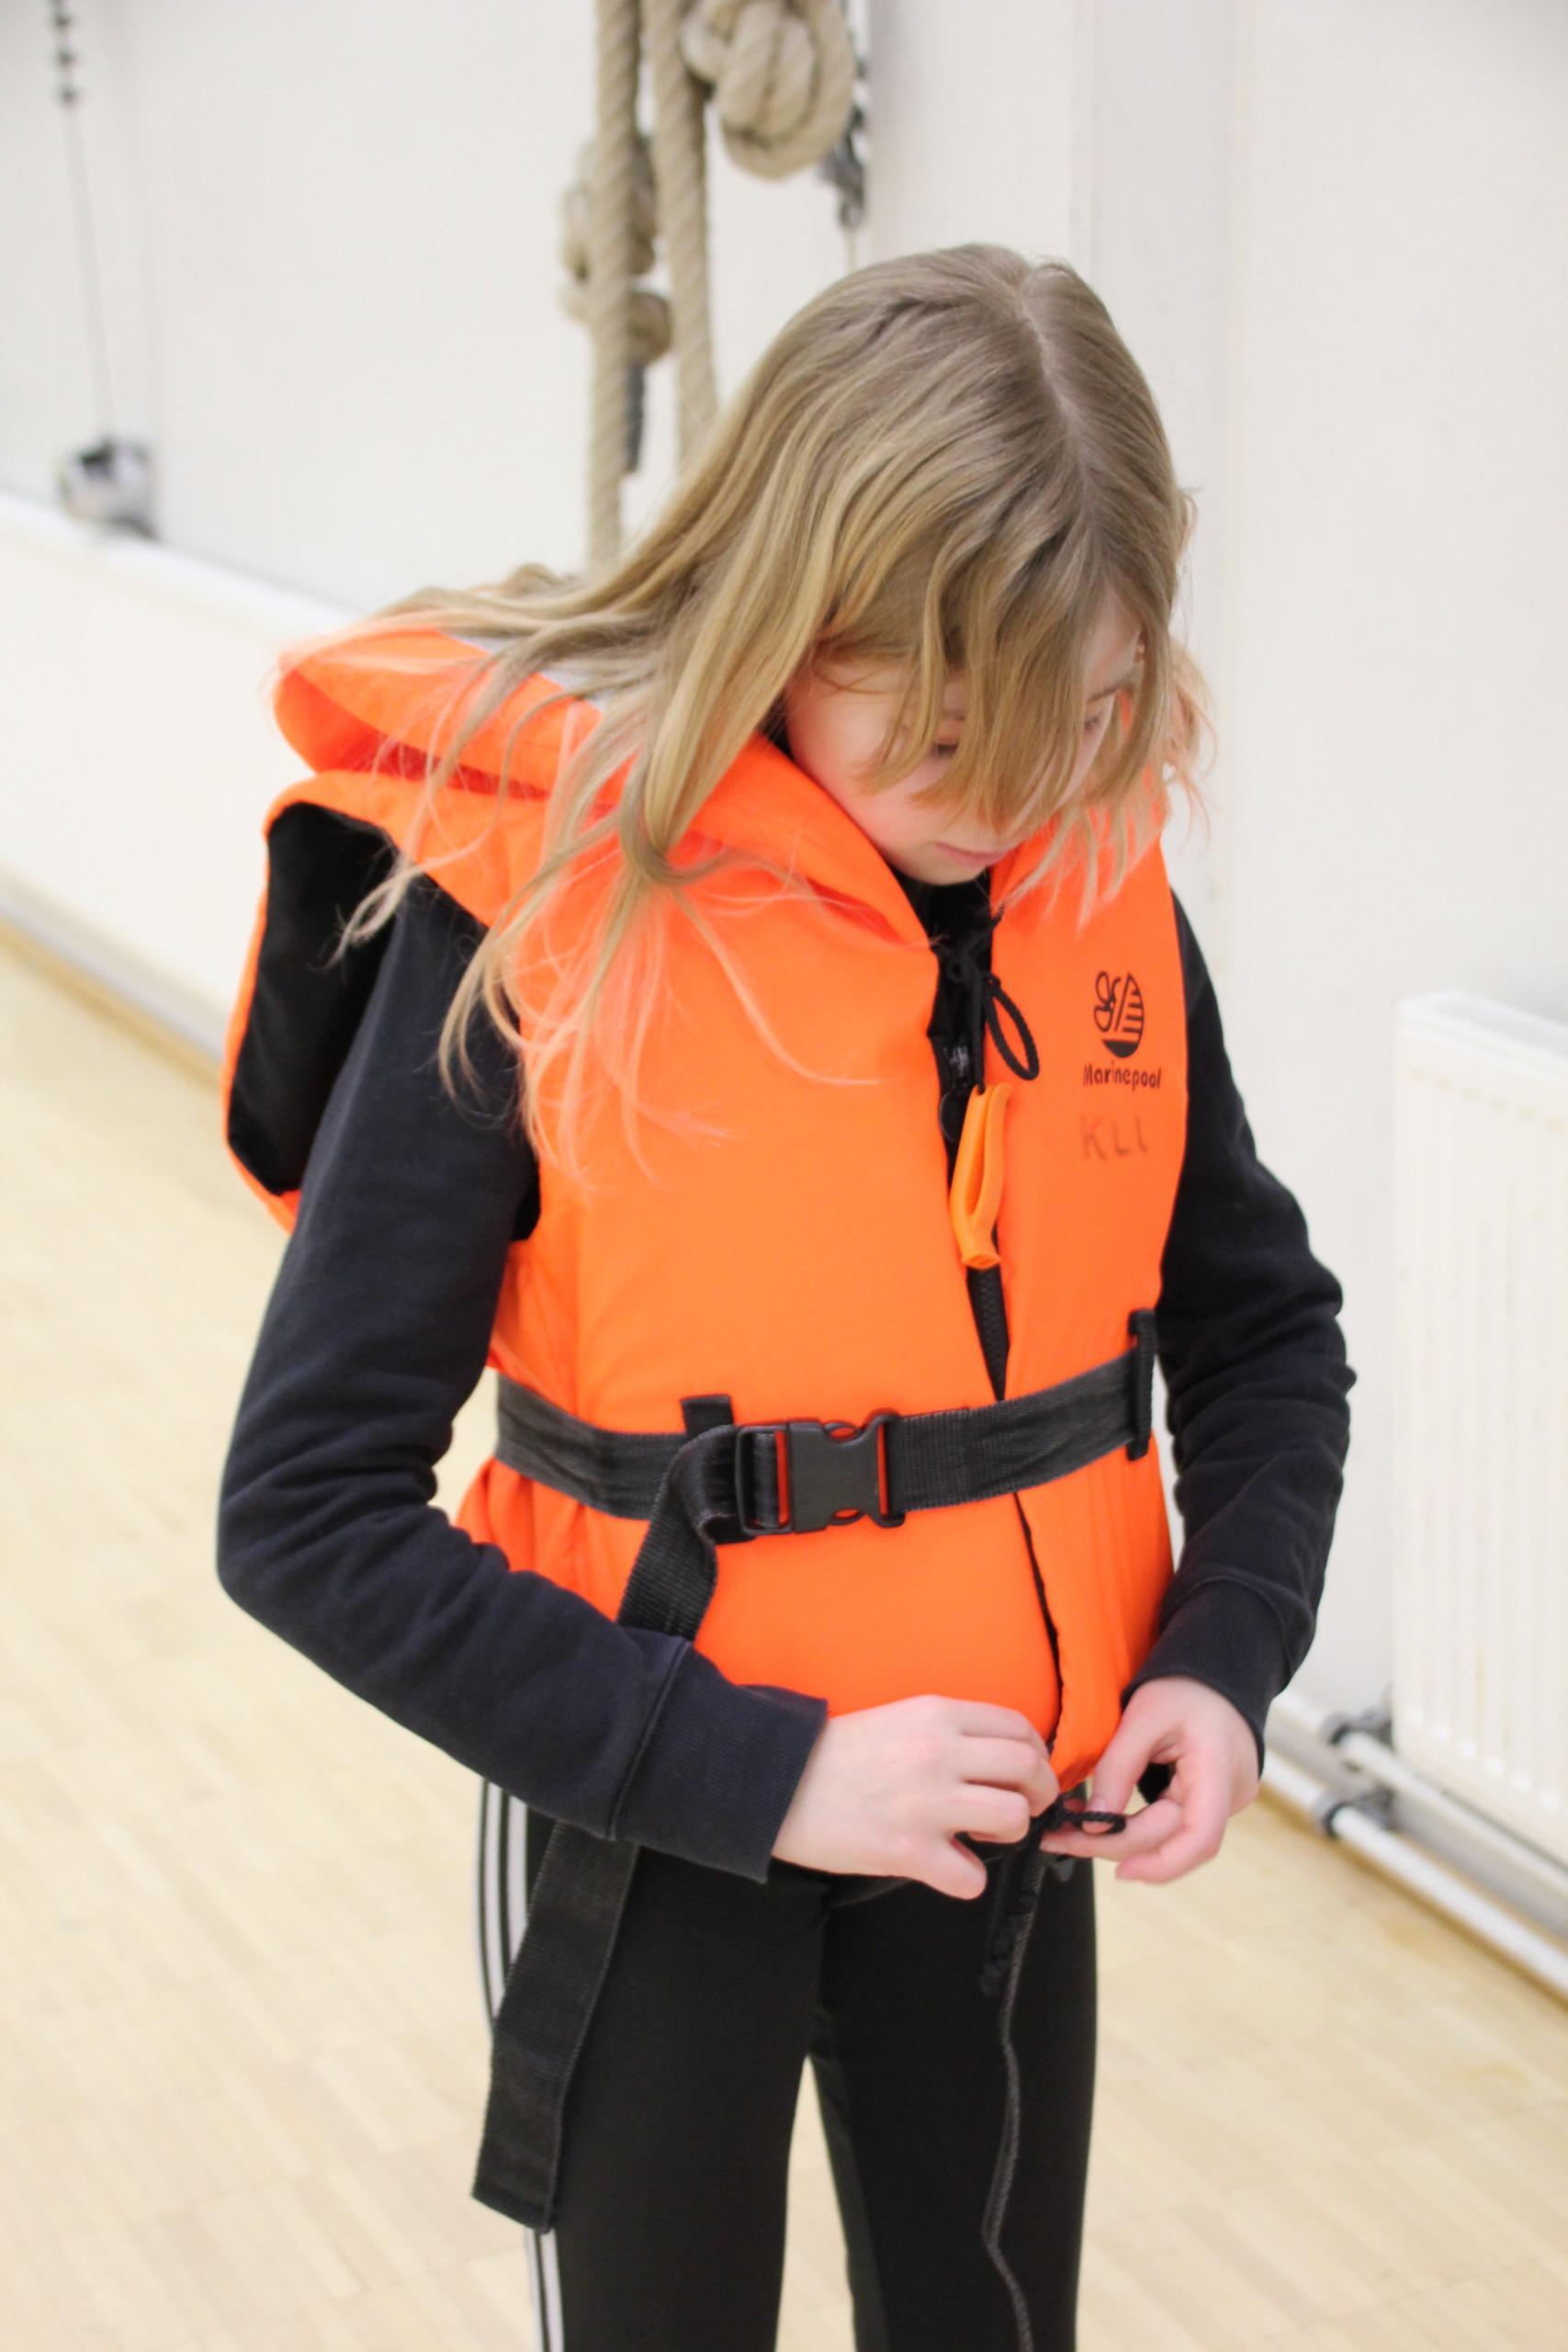 Tyttö pukee pelastusliiviä päälle koulun salissa.